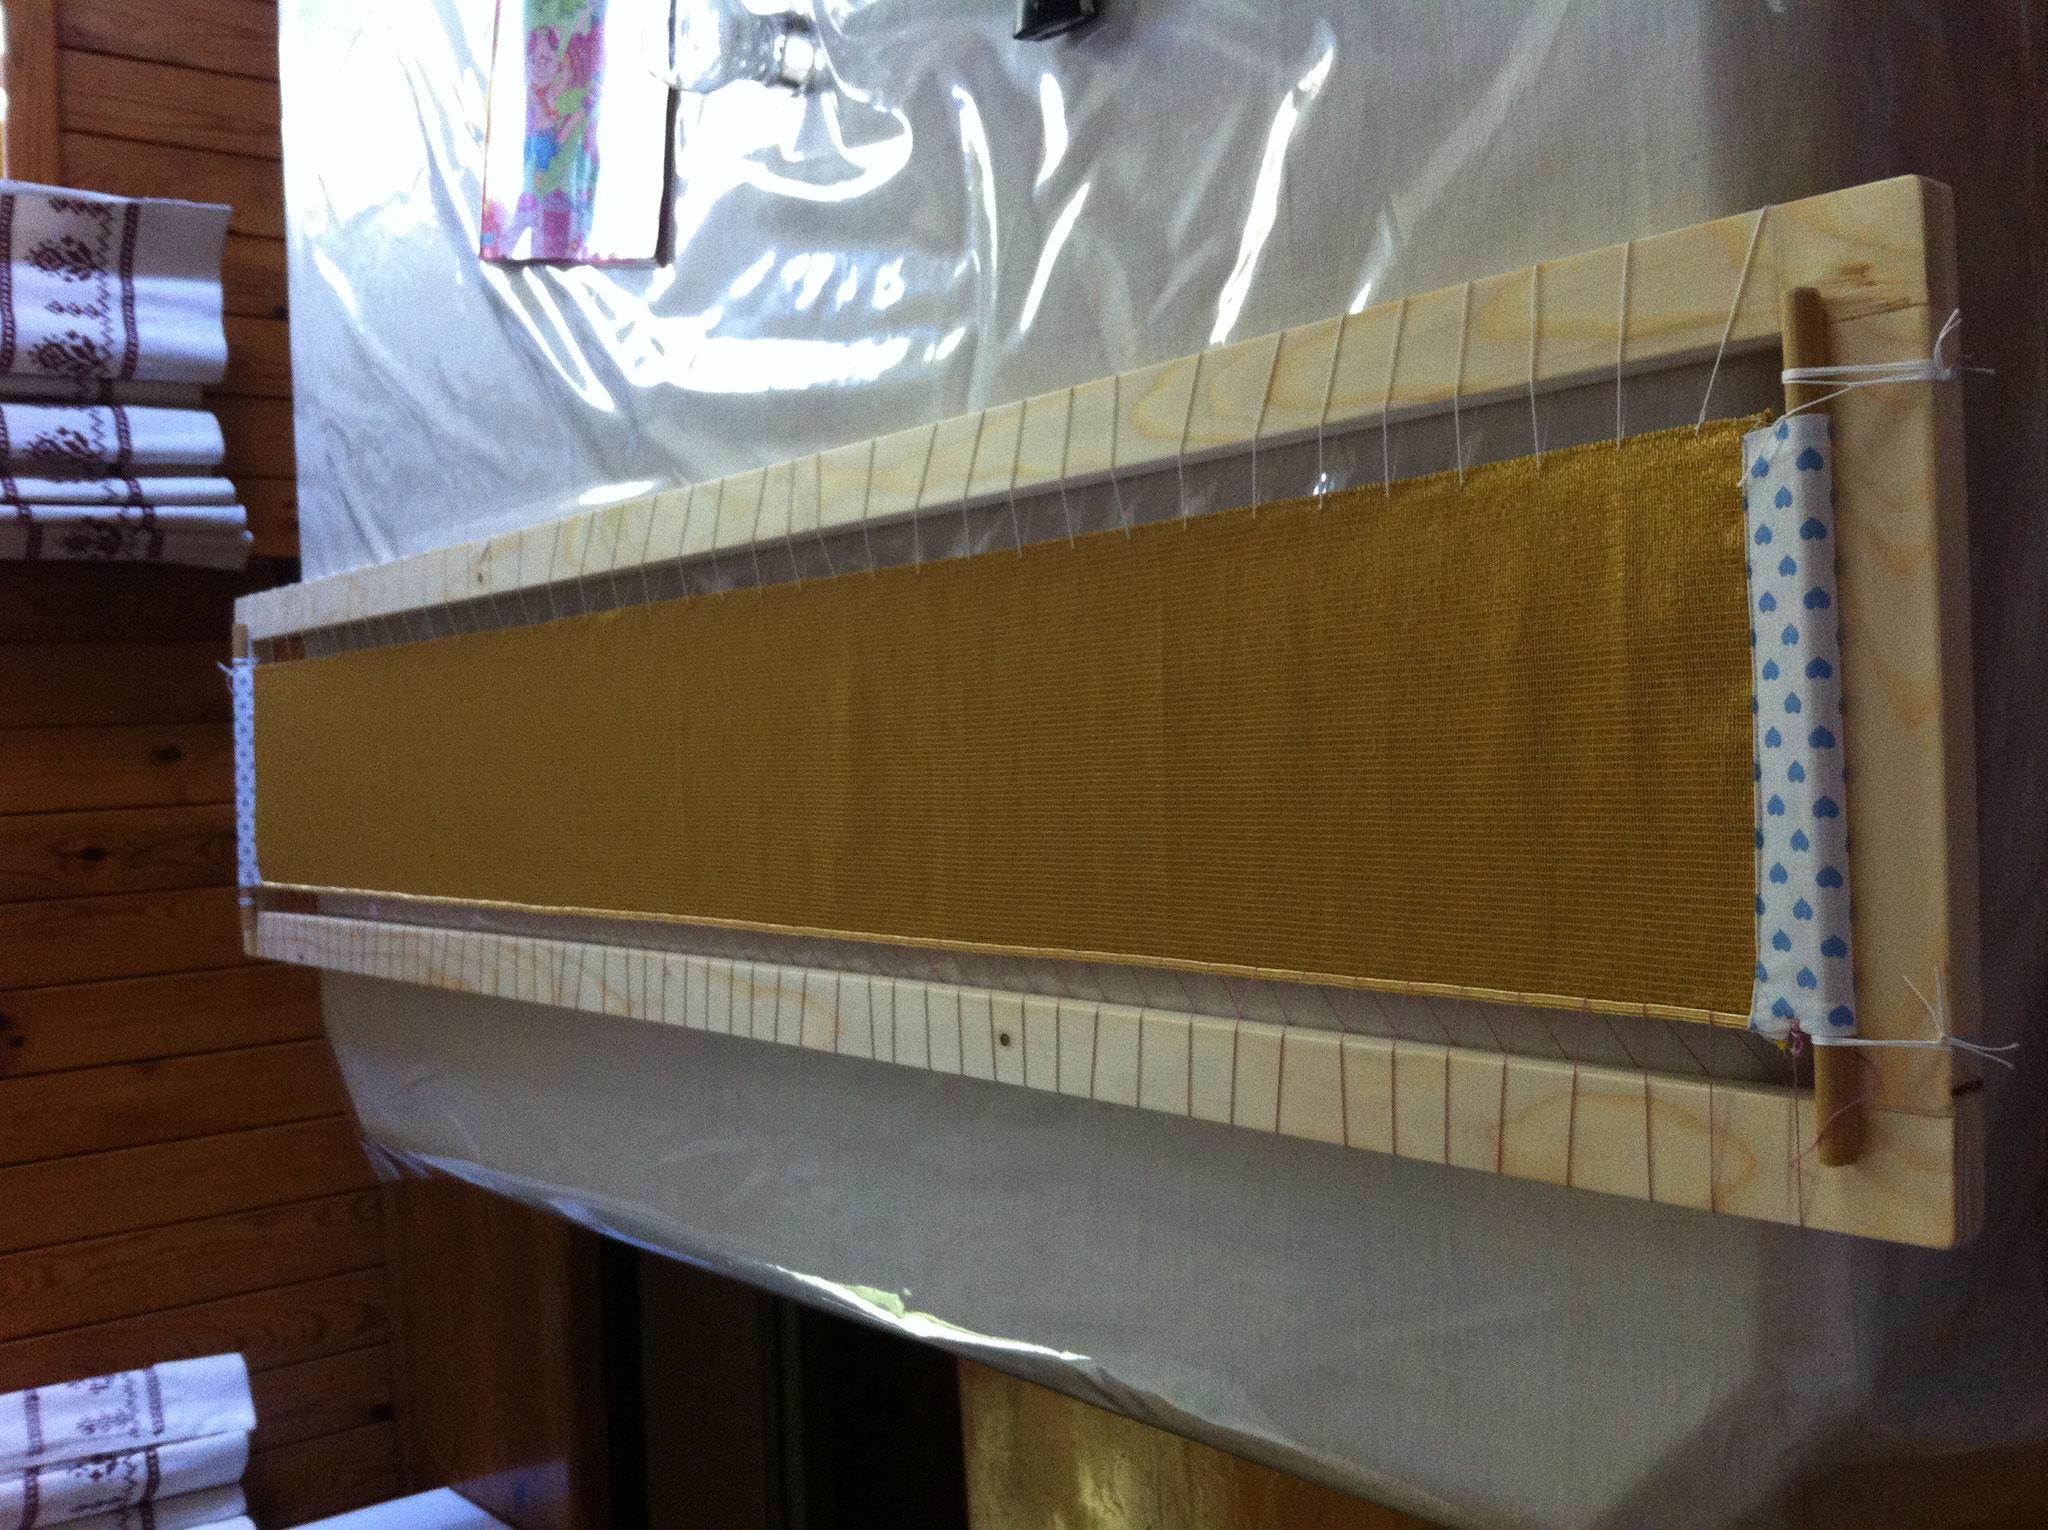 Der Goldstoff wird auf einen Rahmen gespannt.